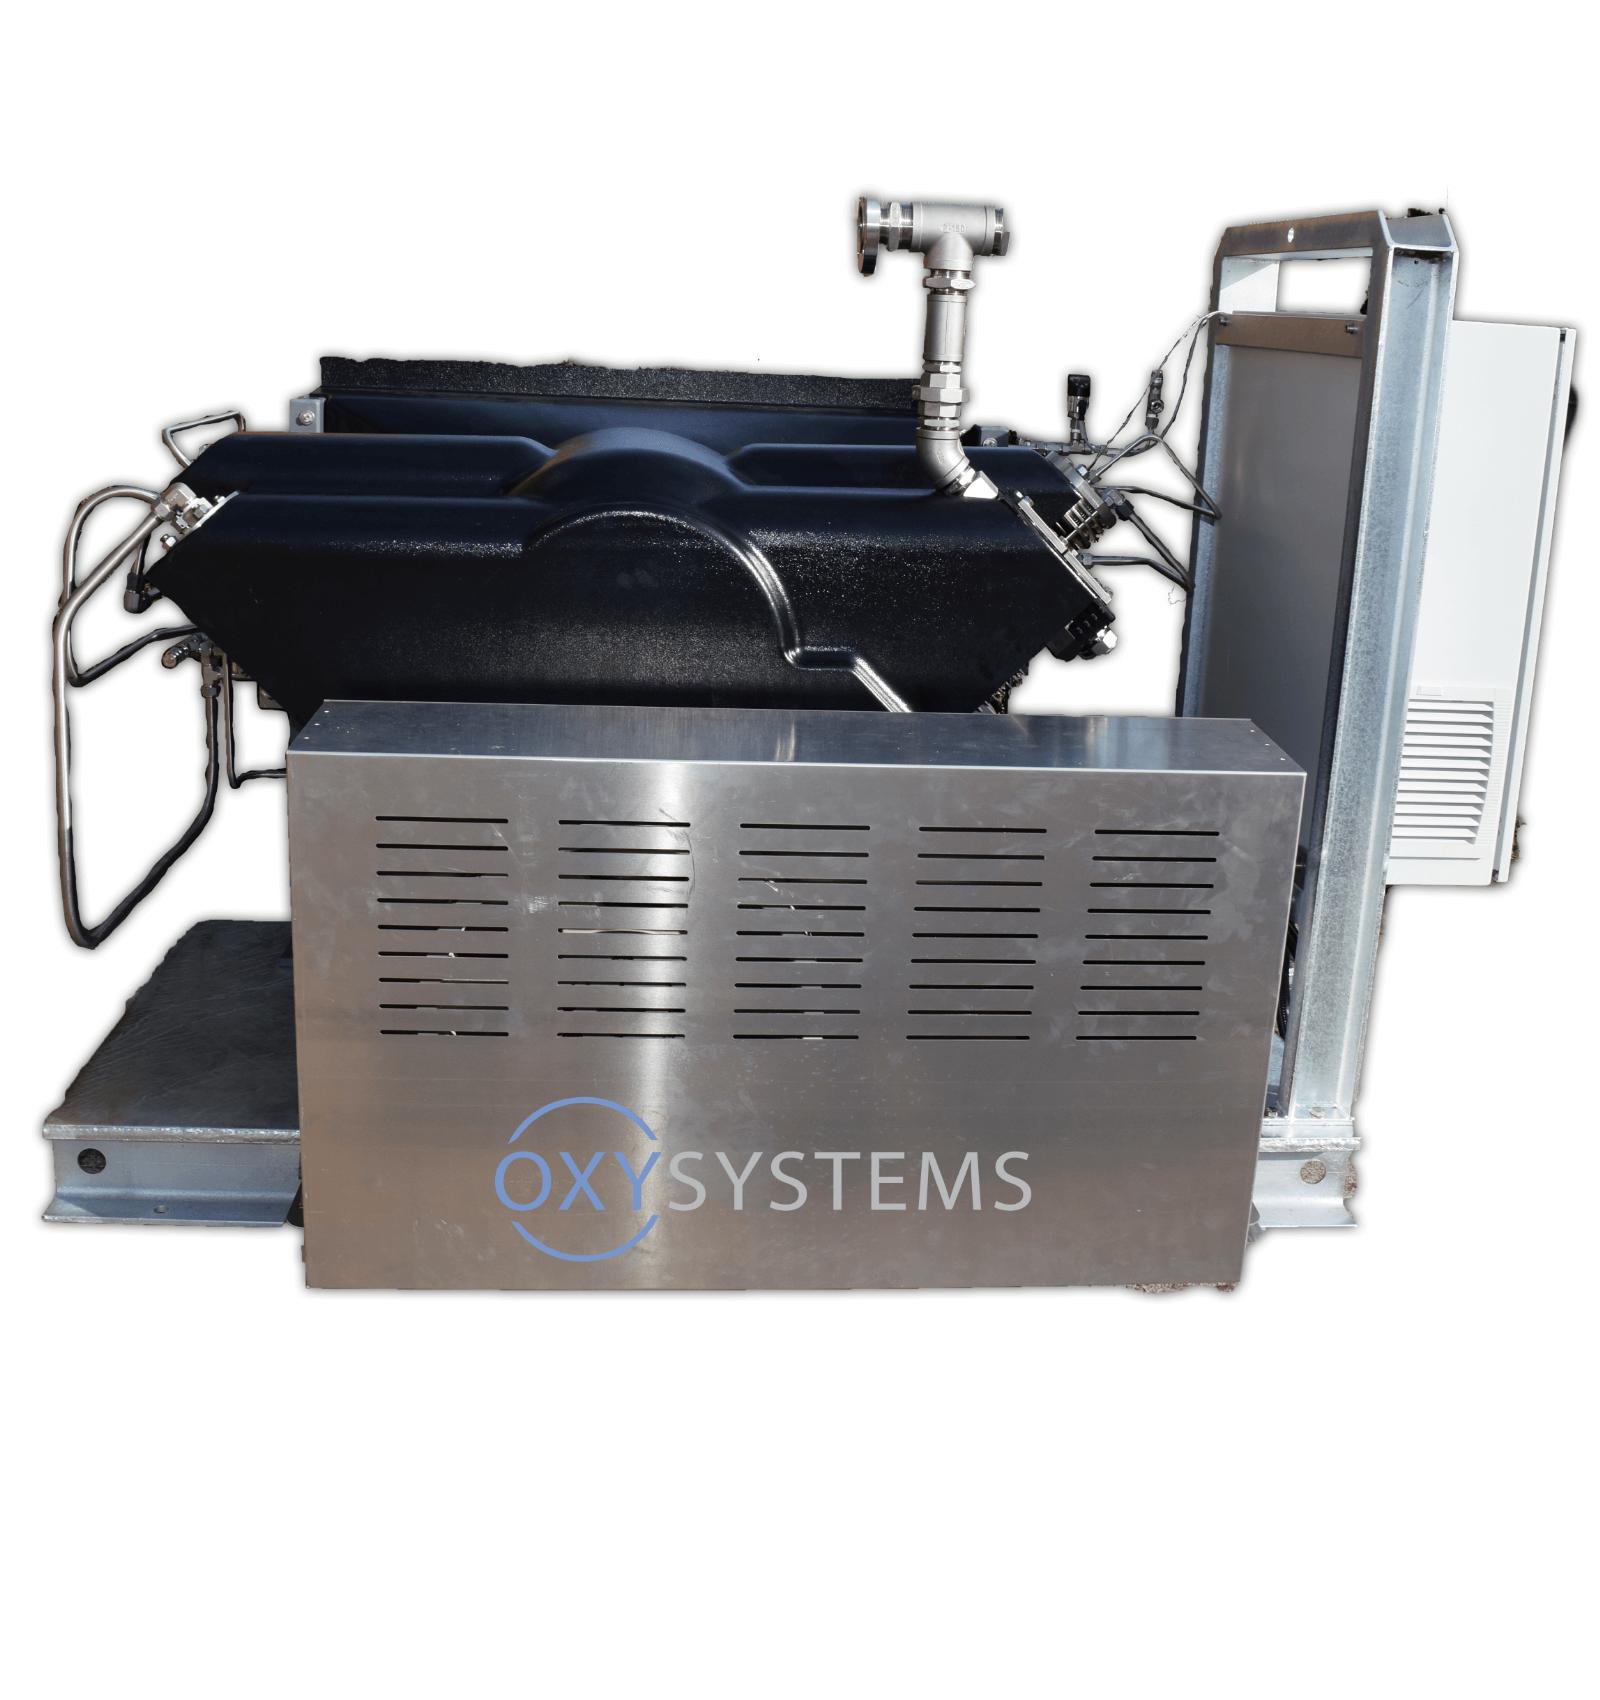 Oxysystems Limited